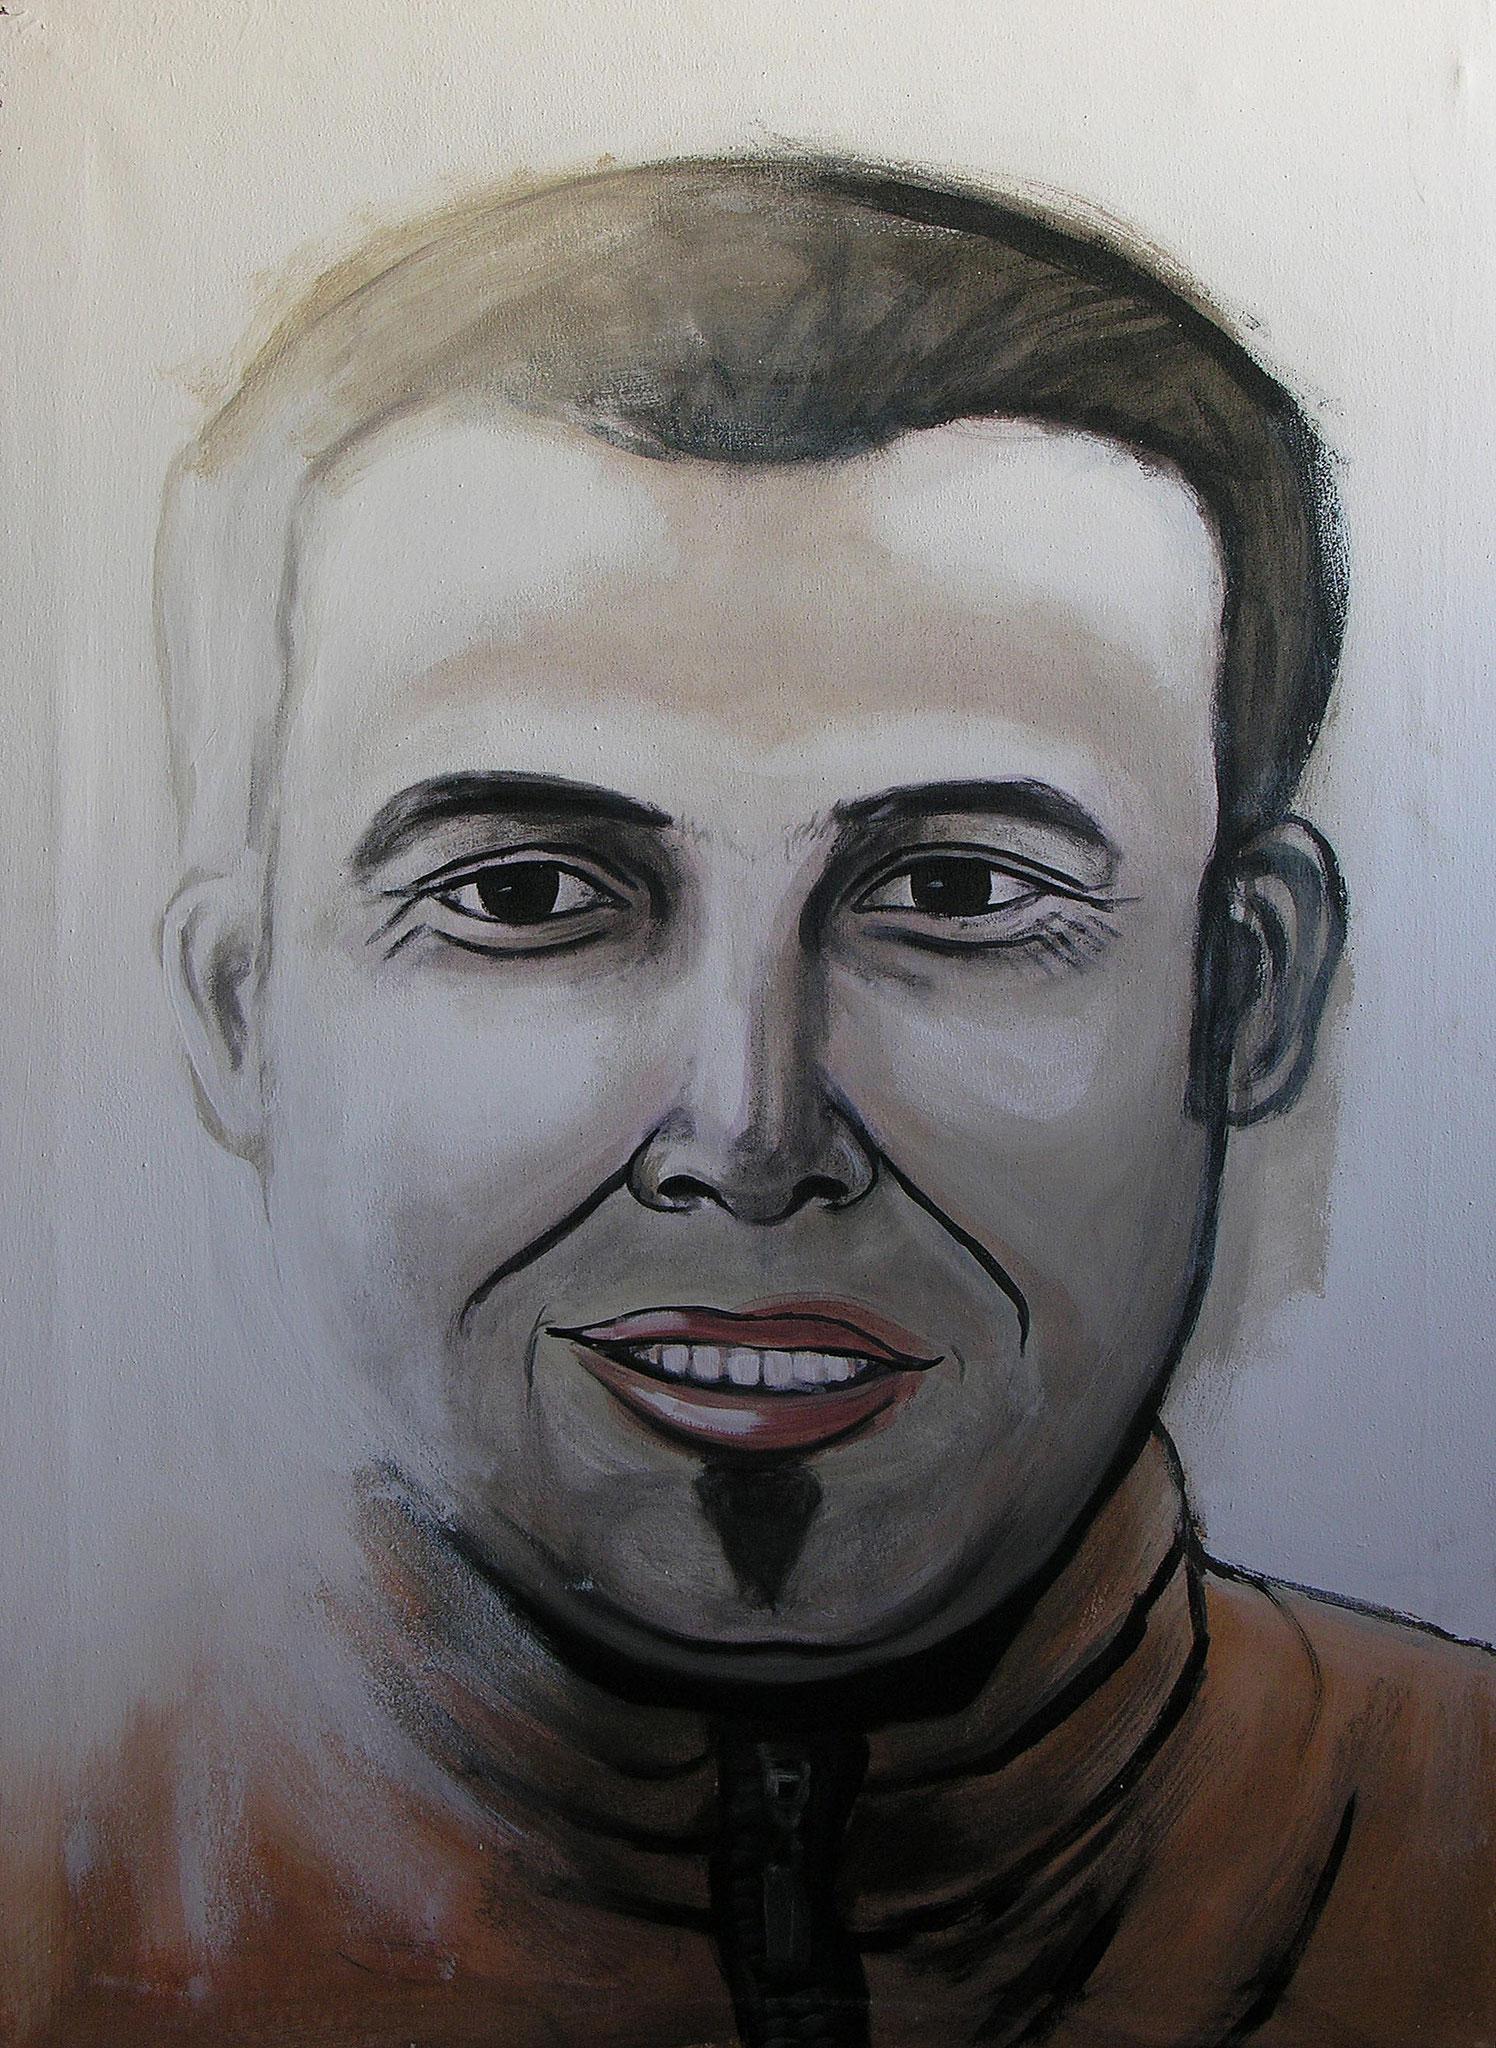 Brother, Acrylic on canvas, 100 x 70 cm, 2005